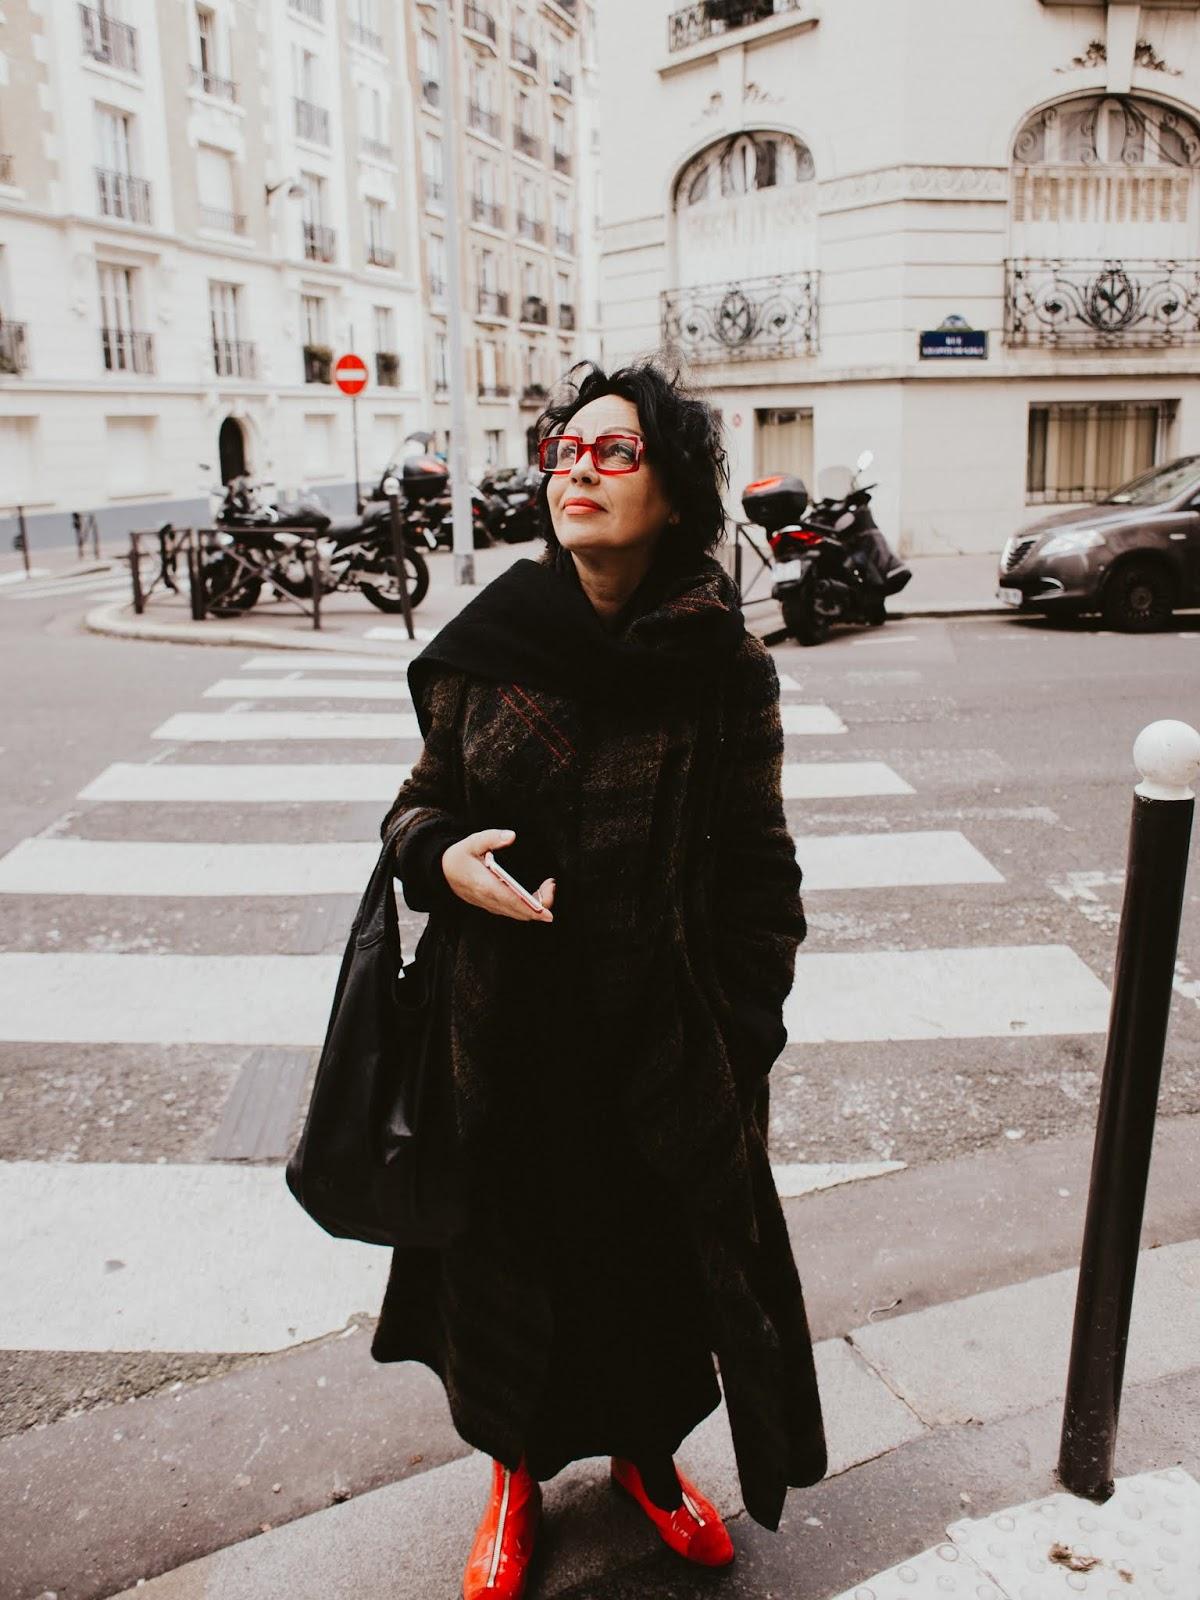 5 itens de moda que envelhecem as mulheres anadodia ana do diaa